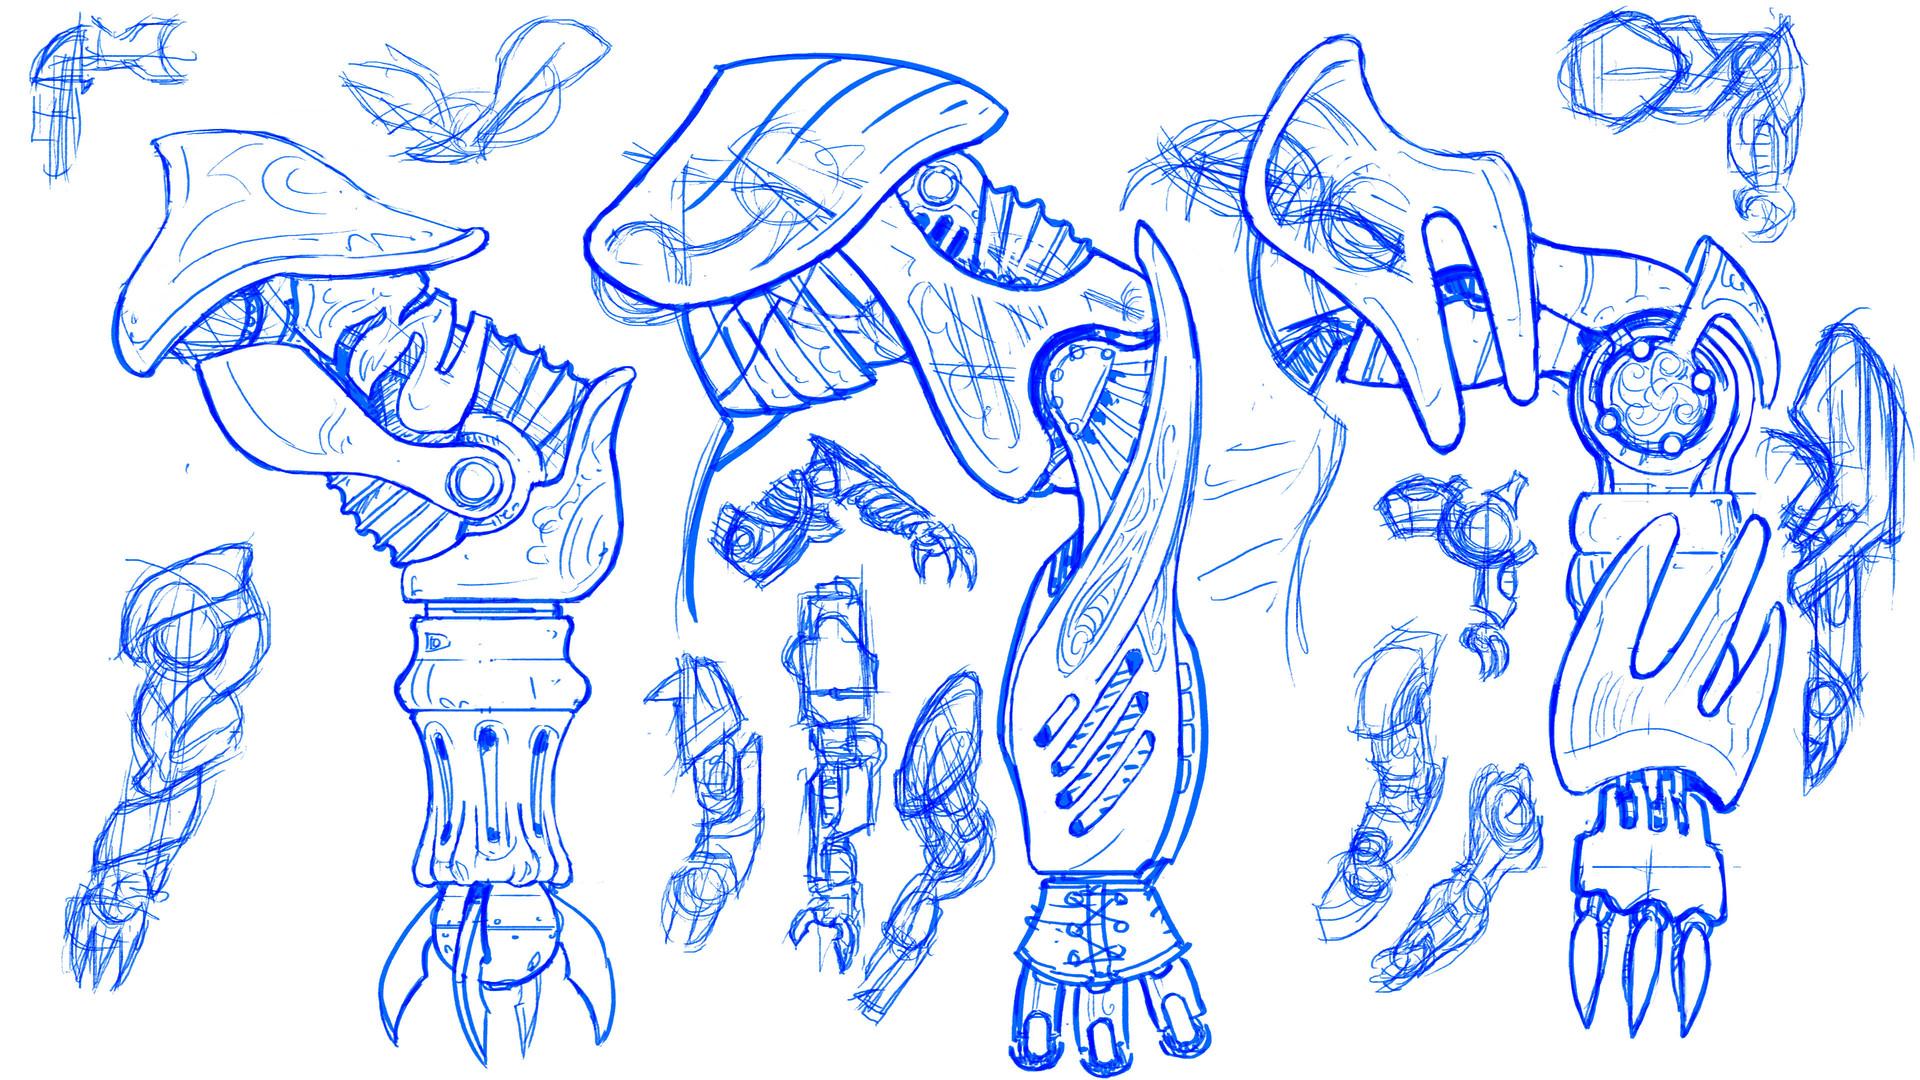 Jeff zugale arm design 01